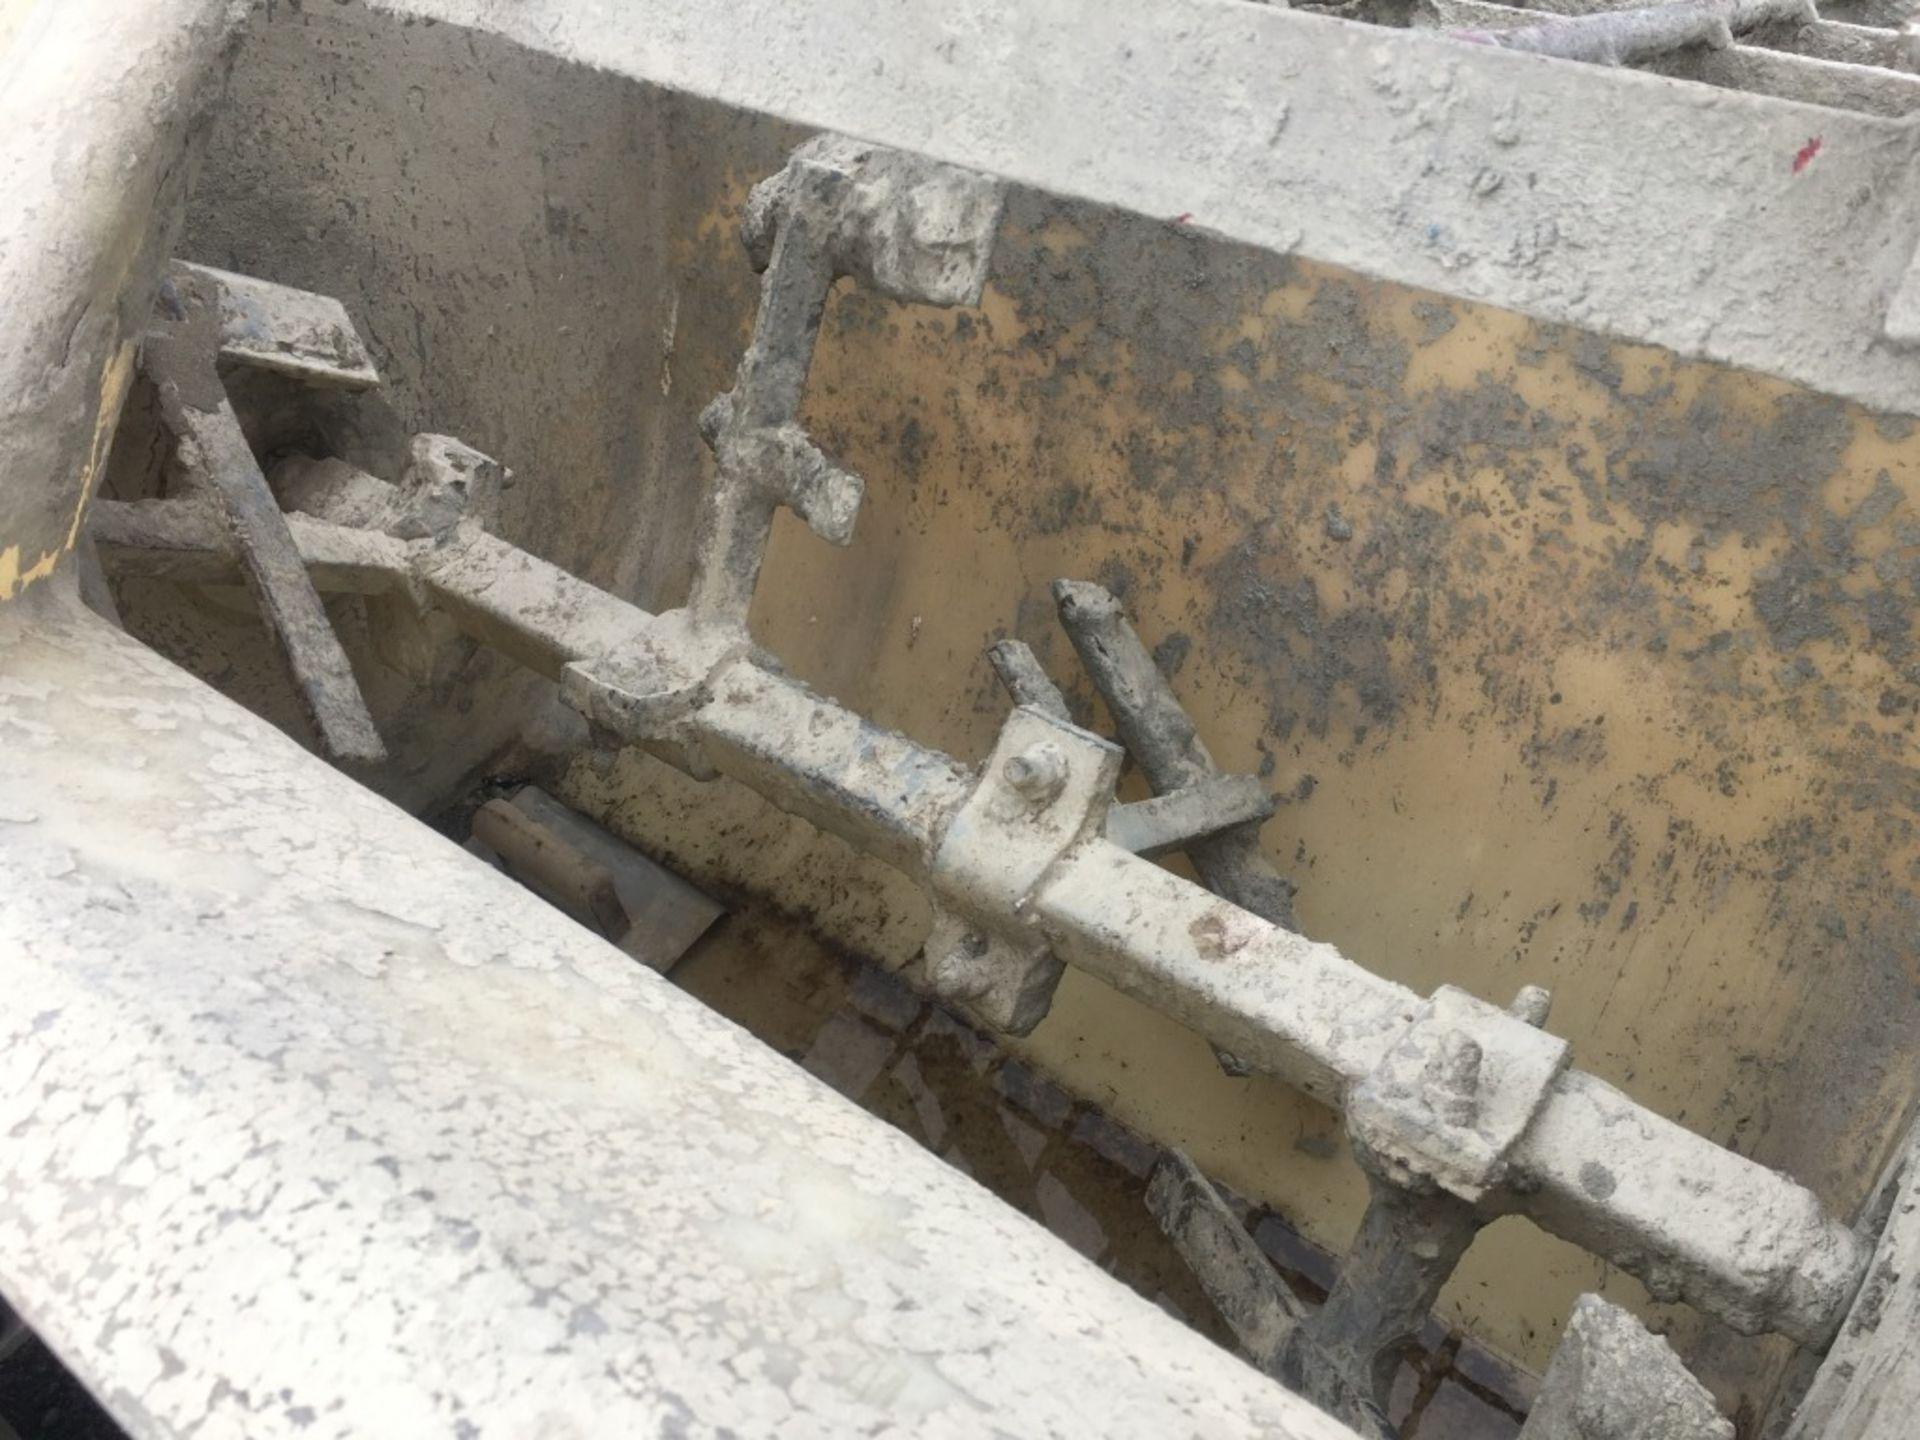 Lot 59 - Whitman Towwable Concrete Mixer